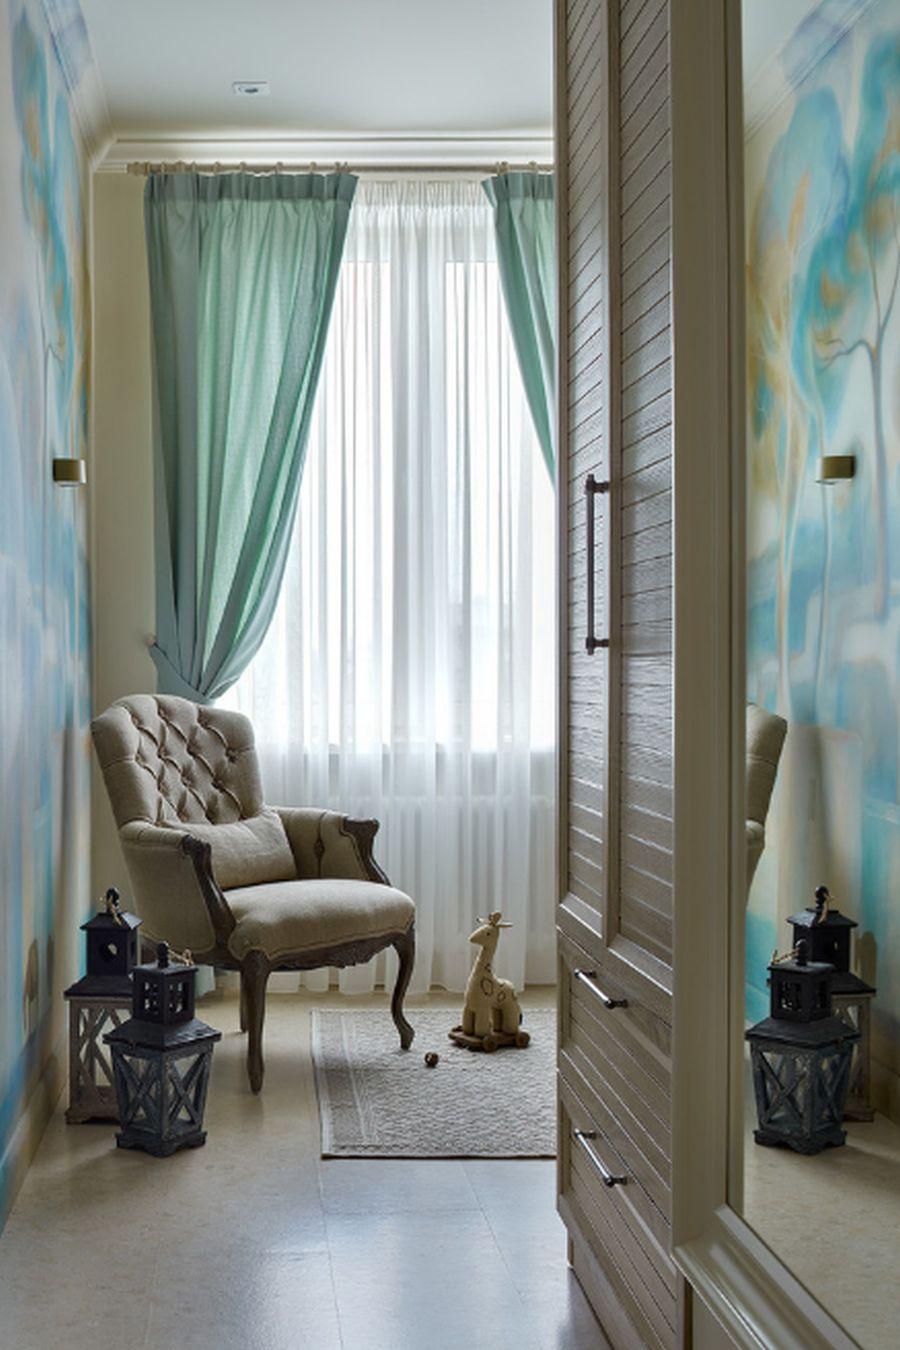 adelaparvu.com despre apartament de 93 mp,Moscova, Design Valery Belousov, Valery Design, Foto Sergey Ananiev (31)